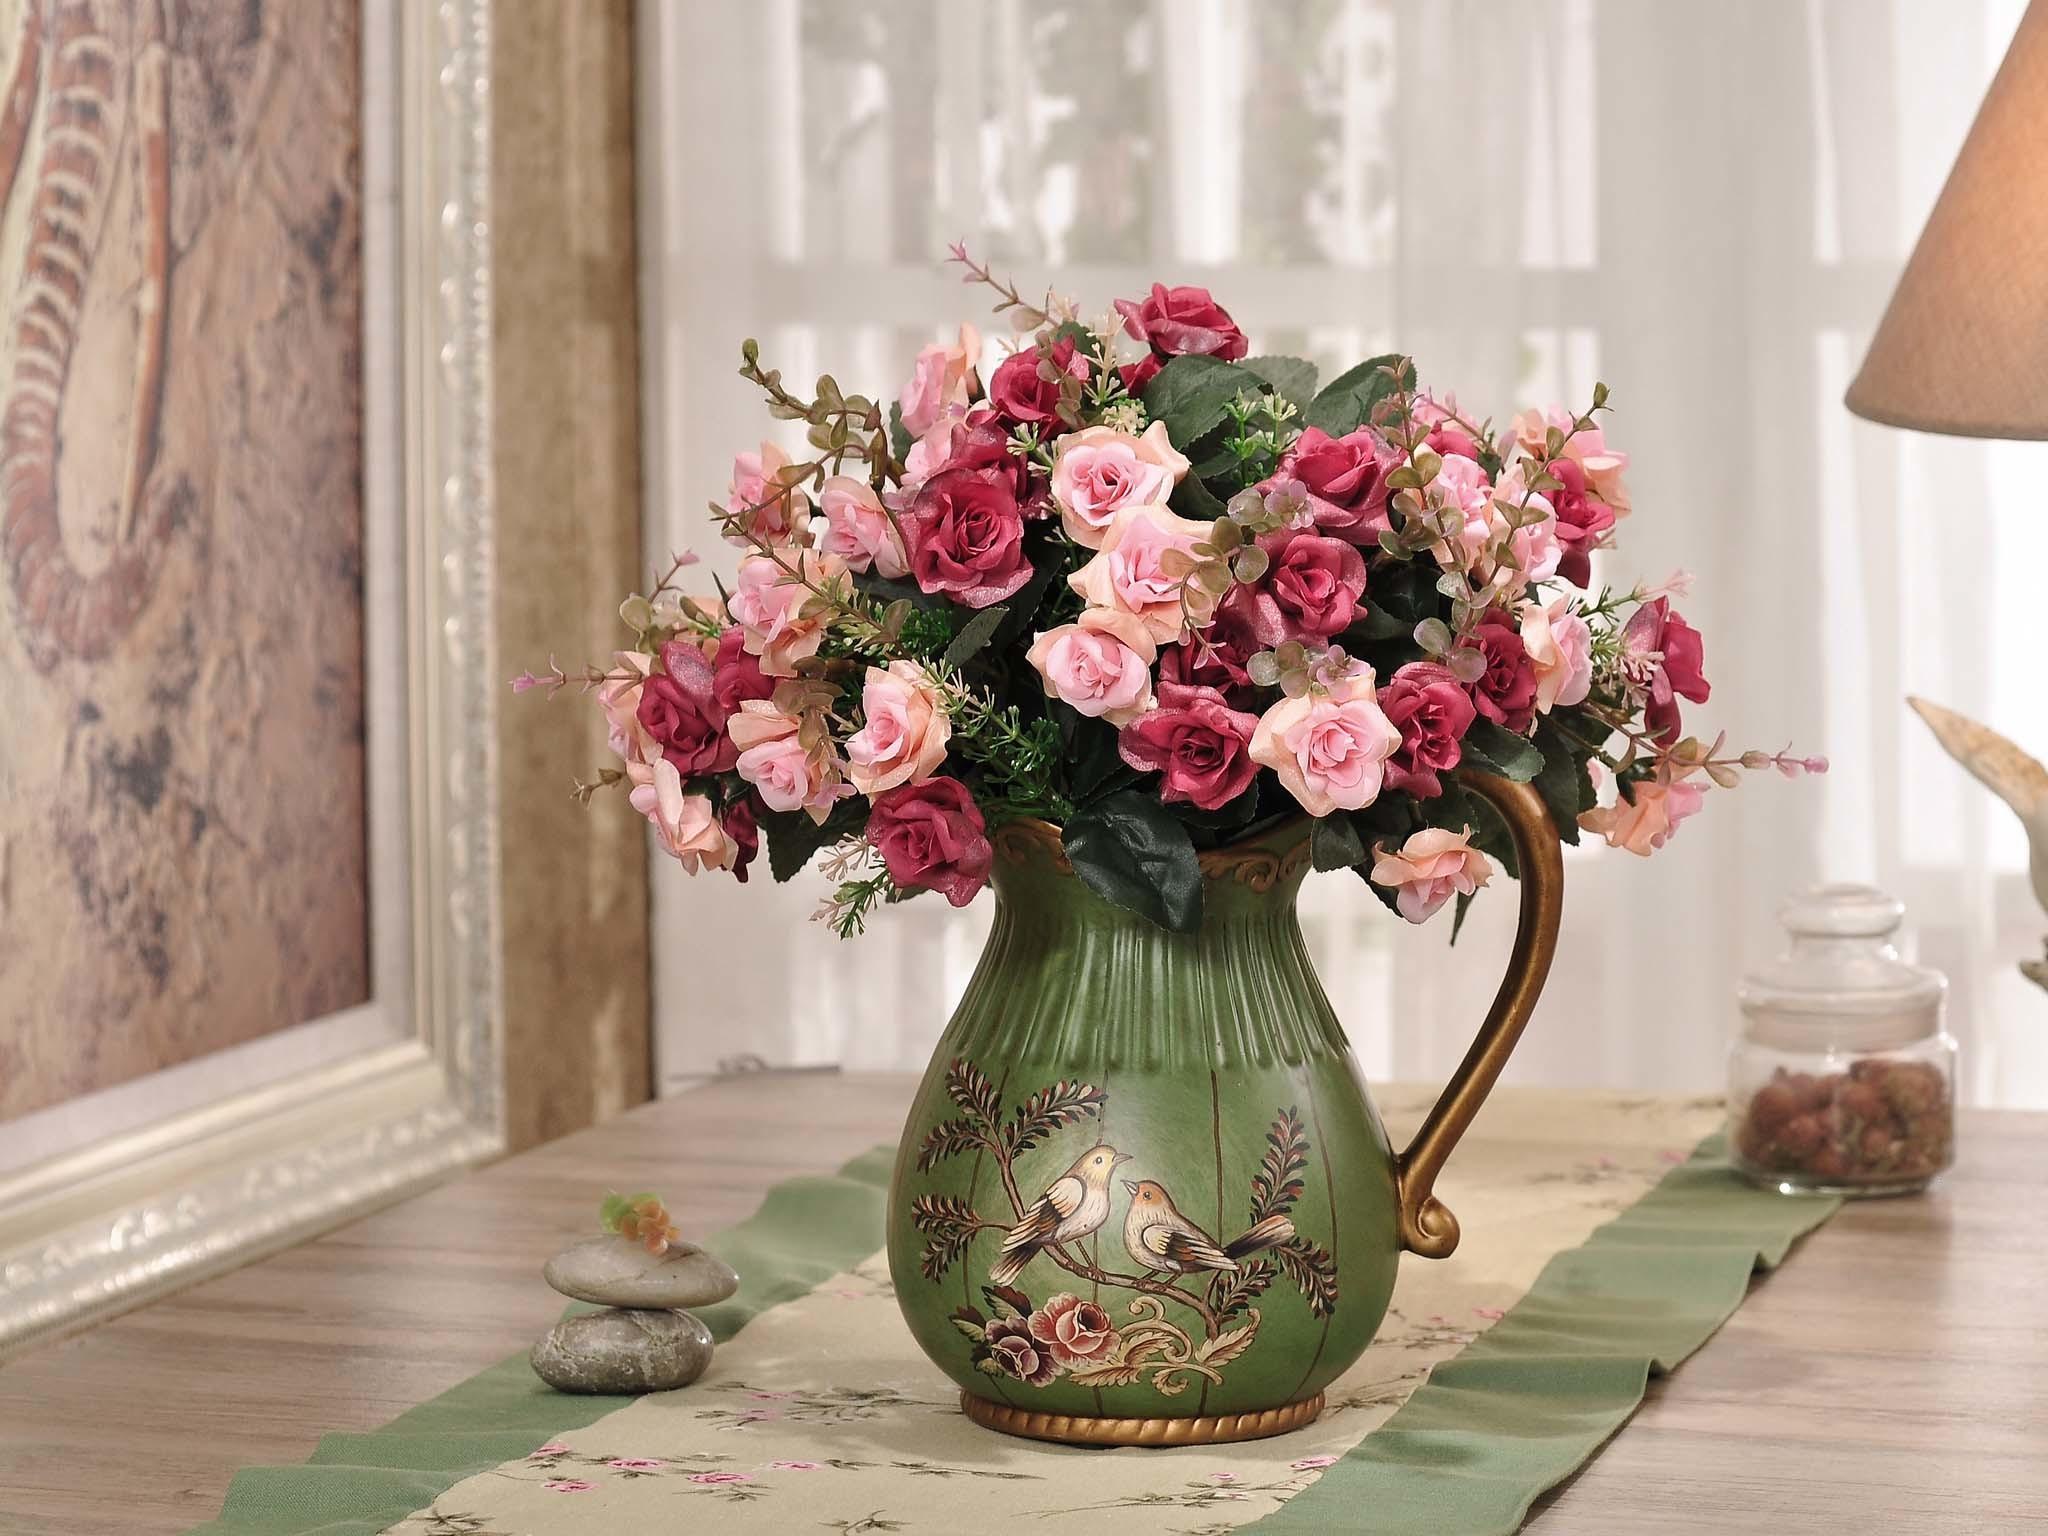 【花瓶】家居饰品客厅摆件花瓶花艺套装欧式装饰花花